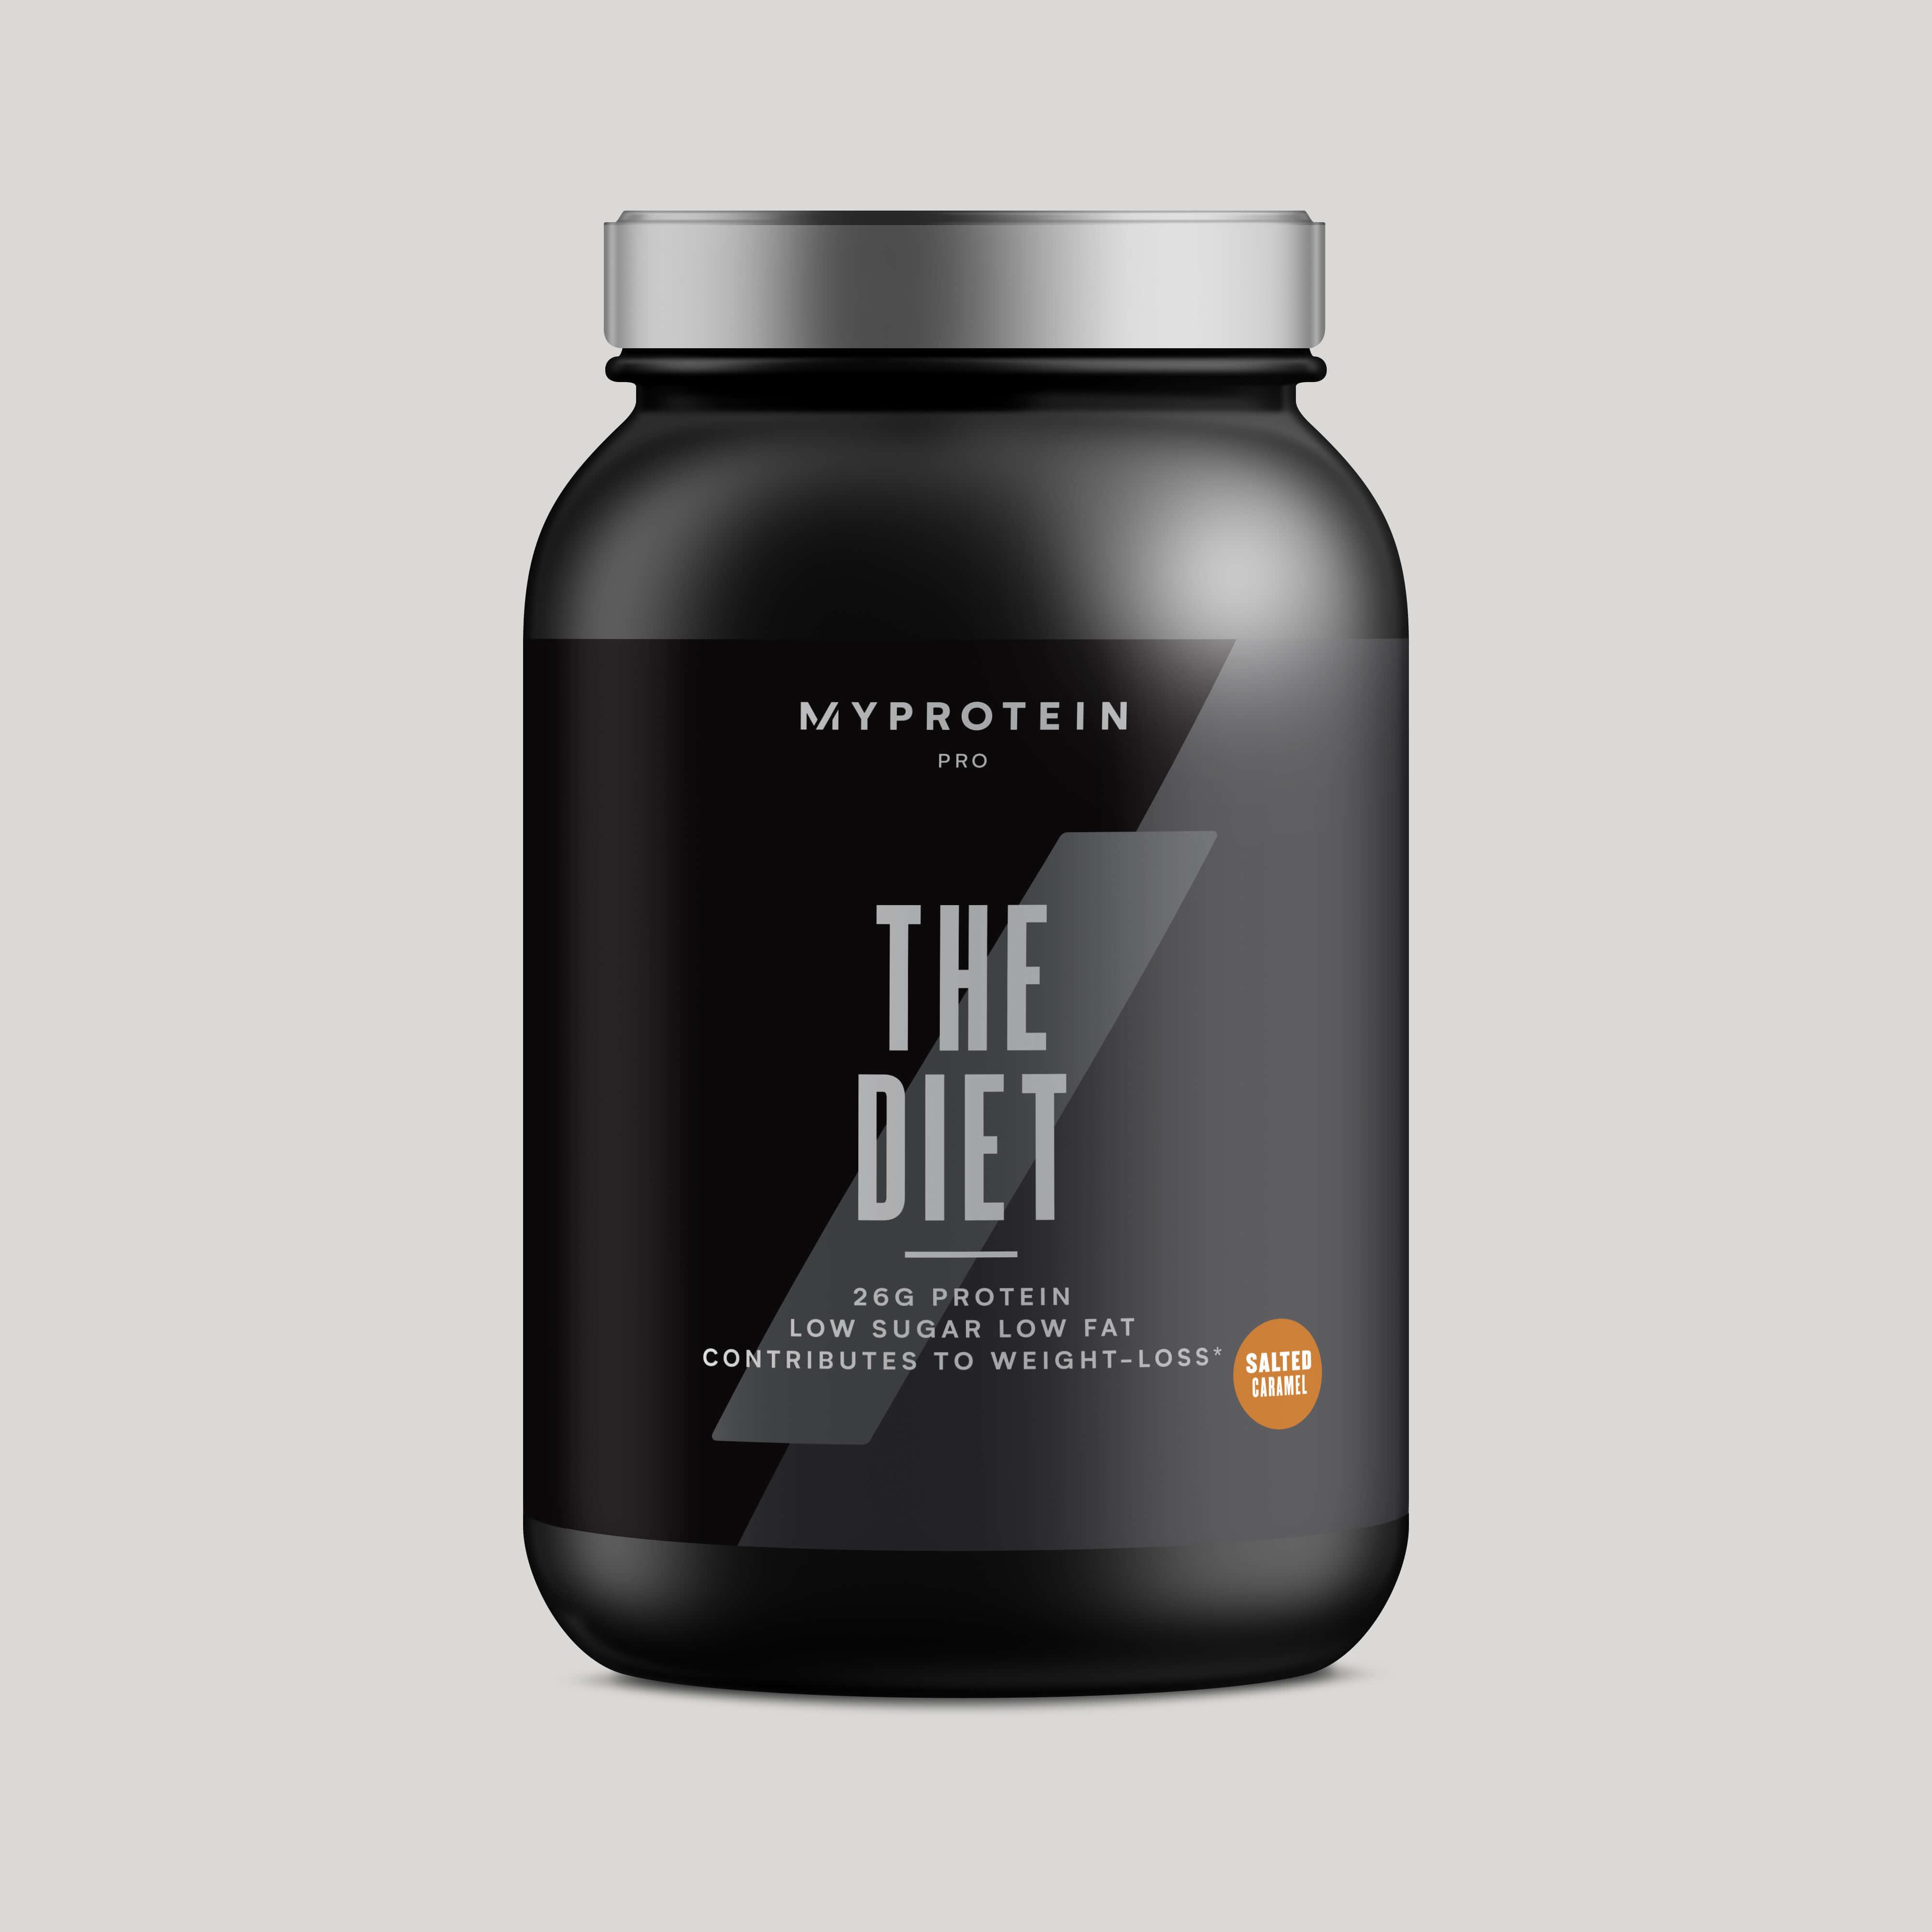 The Diet 尖端減脂配方